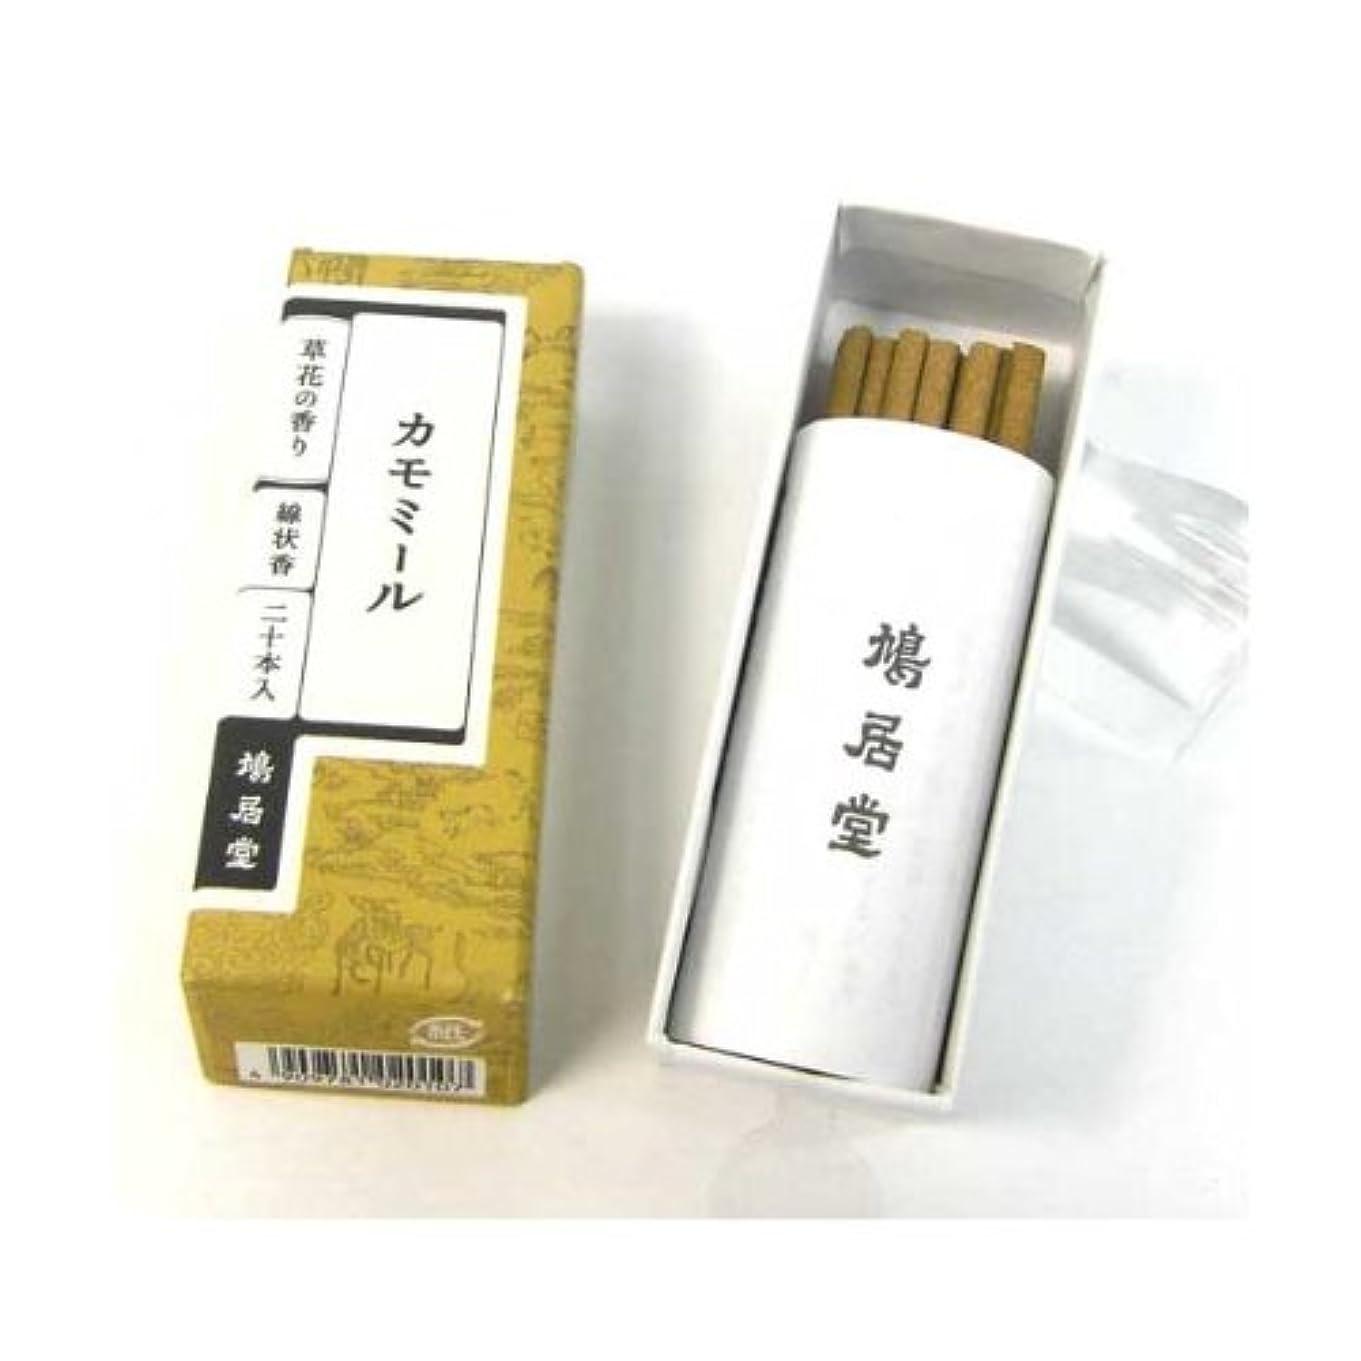 レーザ以内にそれにもかかわらず鳩居堂 お香 カモミール 草花の香りシリーズ スティックタイプ(棒状香)20本いり